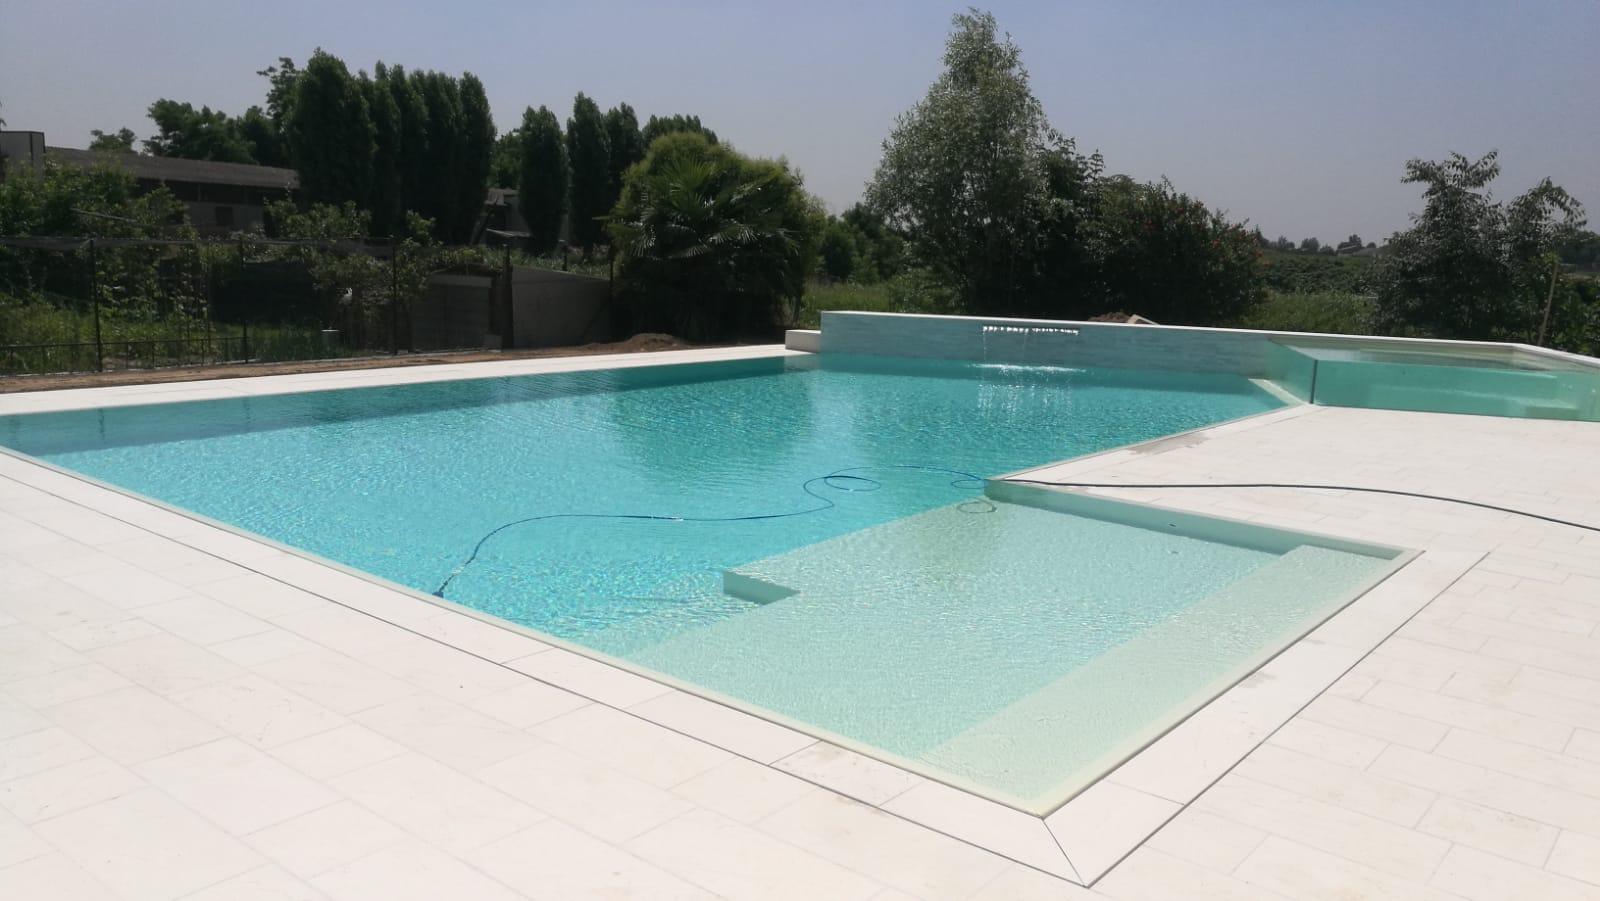 Panoramica piscina a sfioro senza vasca di compenso con bordo sfioratore e rivestimento bianco